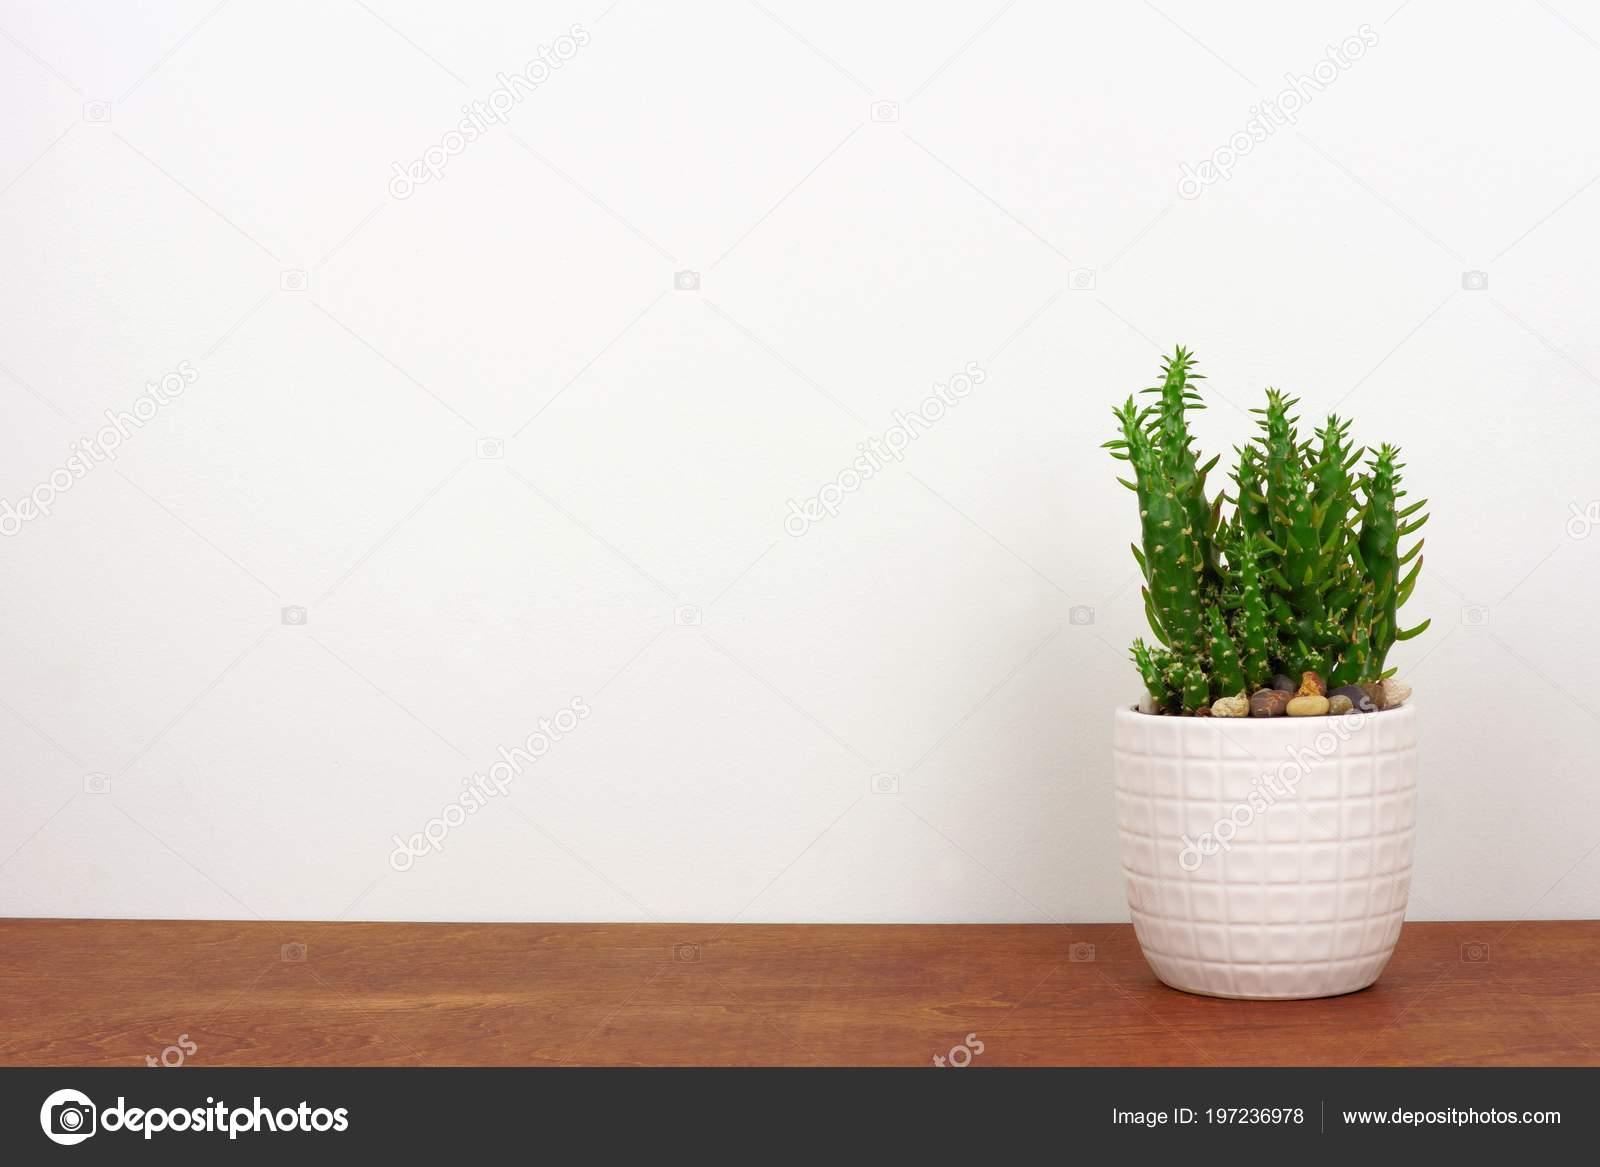 Pianta coperta del cactus vaso bianco vista laterale sulla mensola